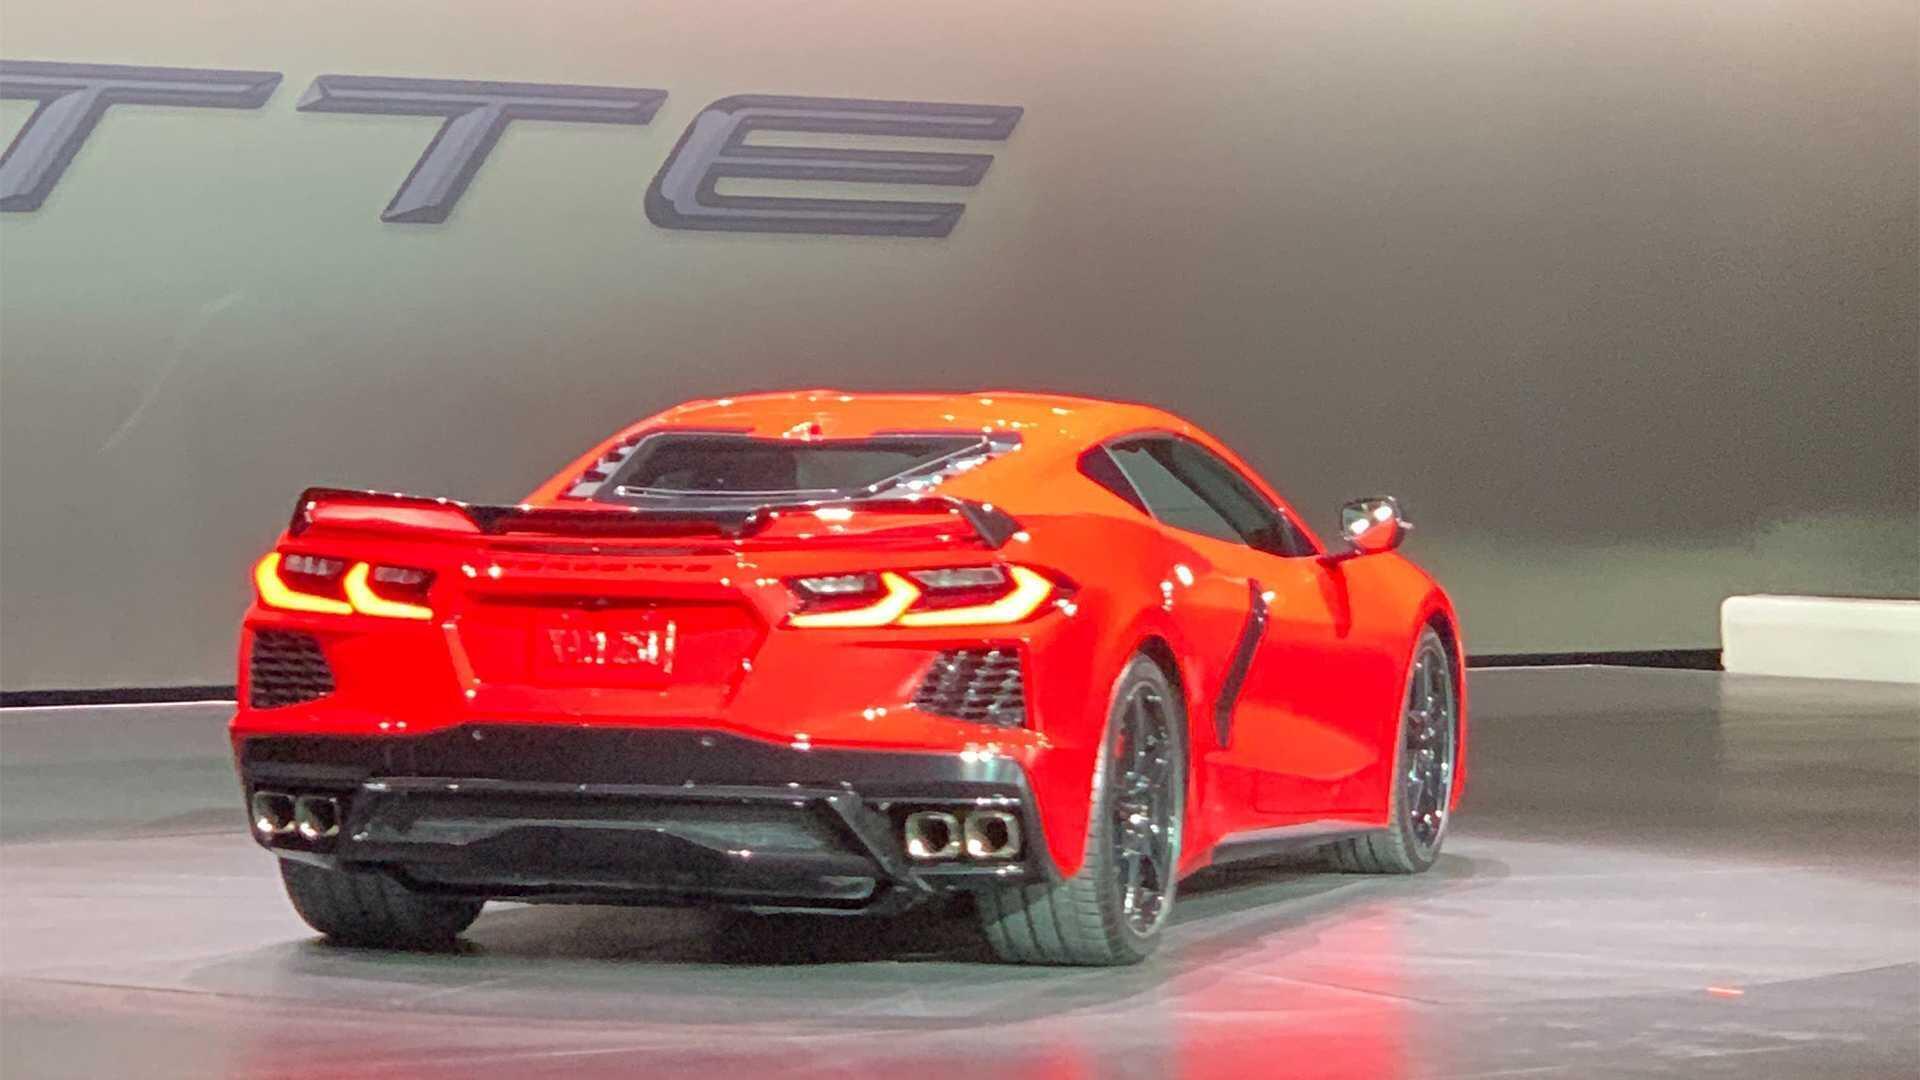 https://cdn.dailyxe.com.vn/image/chevrolet-corvette-2020-co-mot-so-tinh-nang-an-tuyet-voi-5-94519j2.jpg